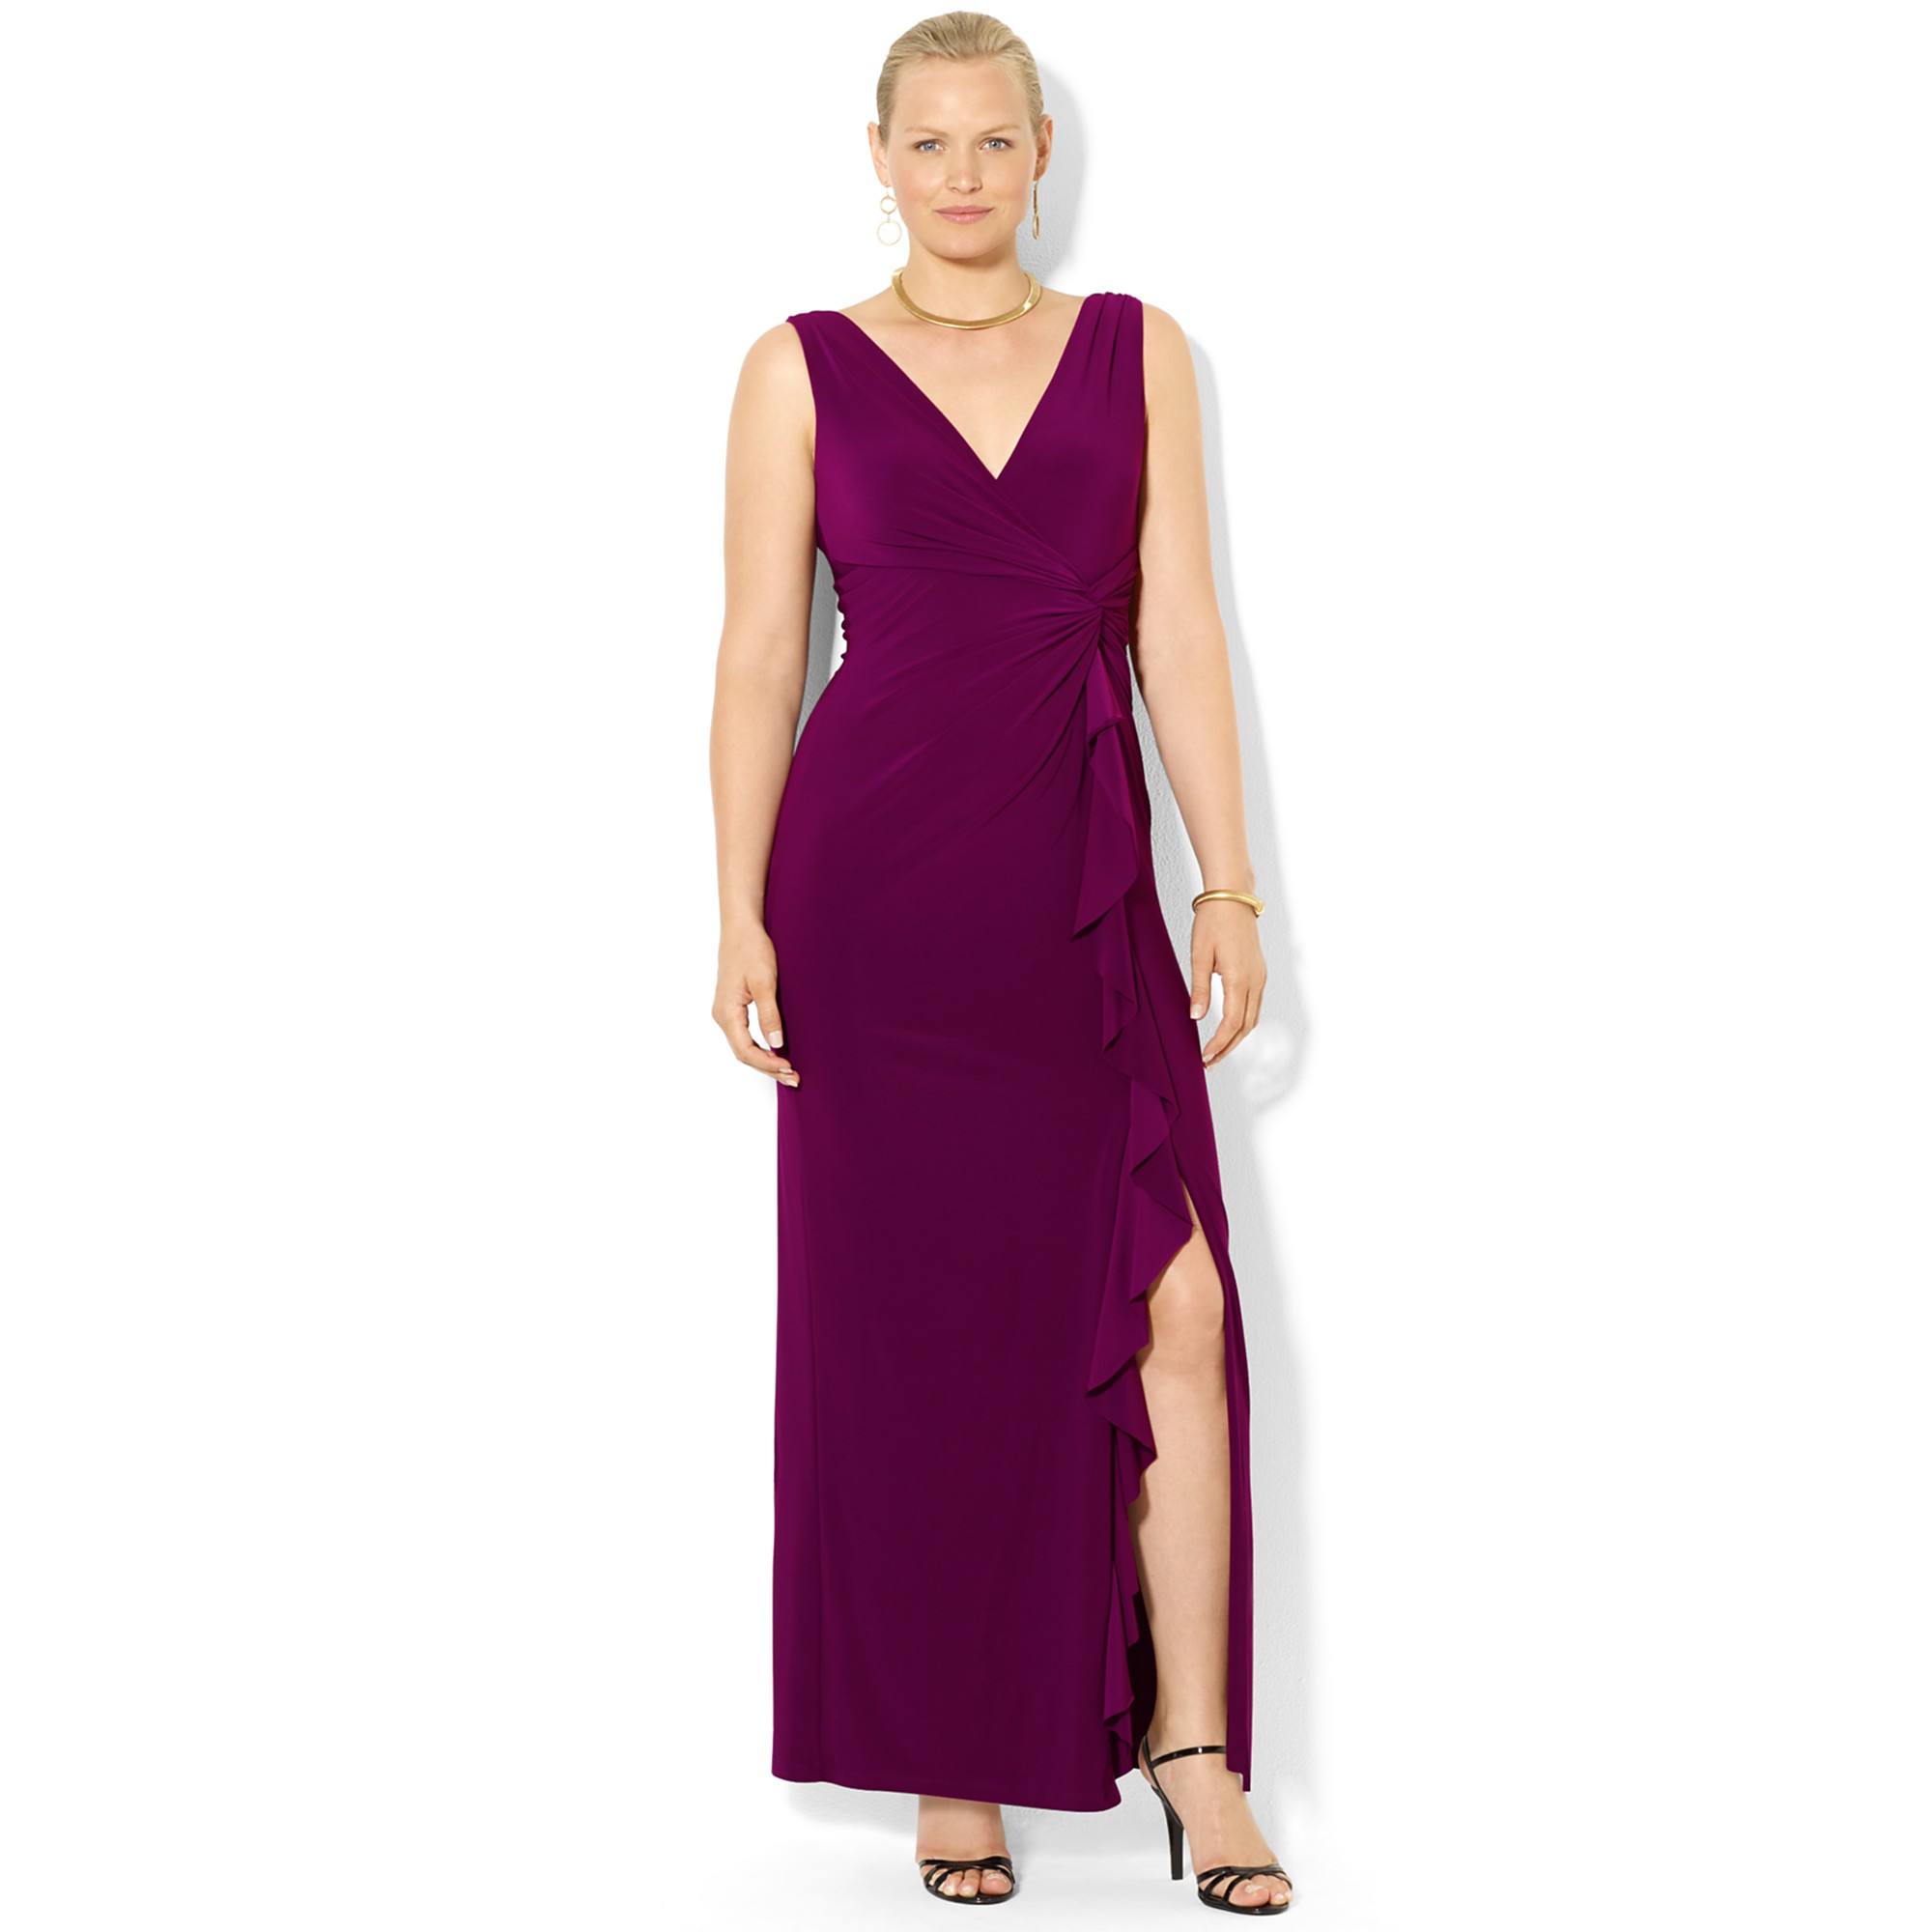 ralph lauren plus size evening dresses photo - 1